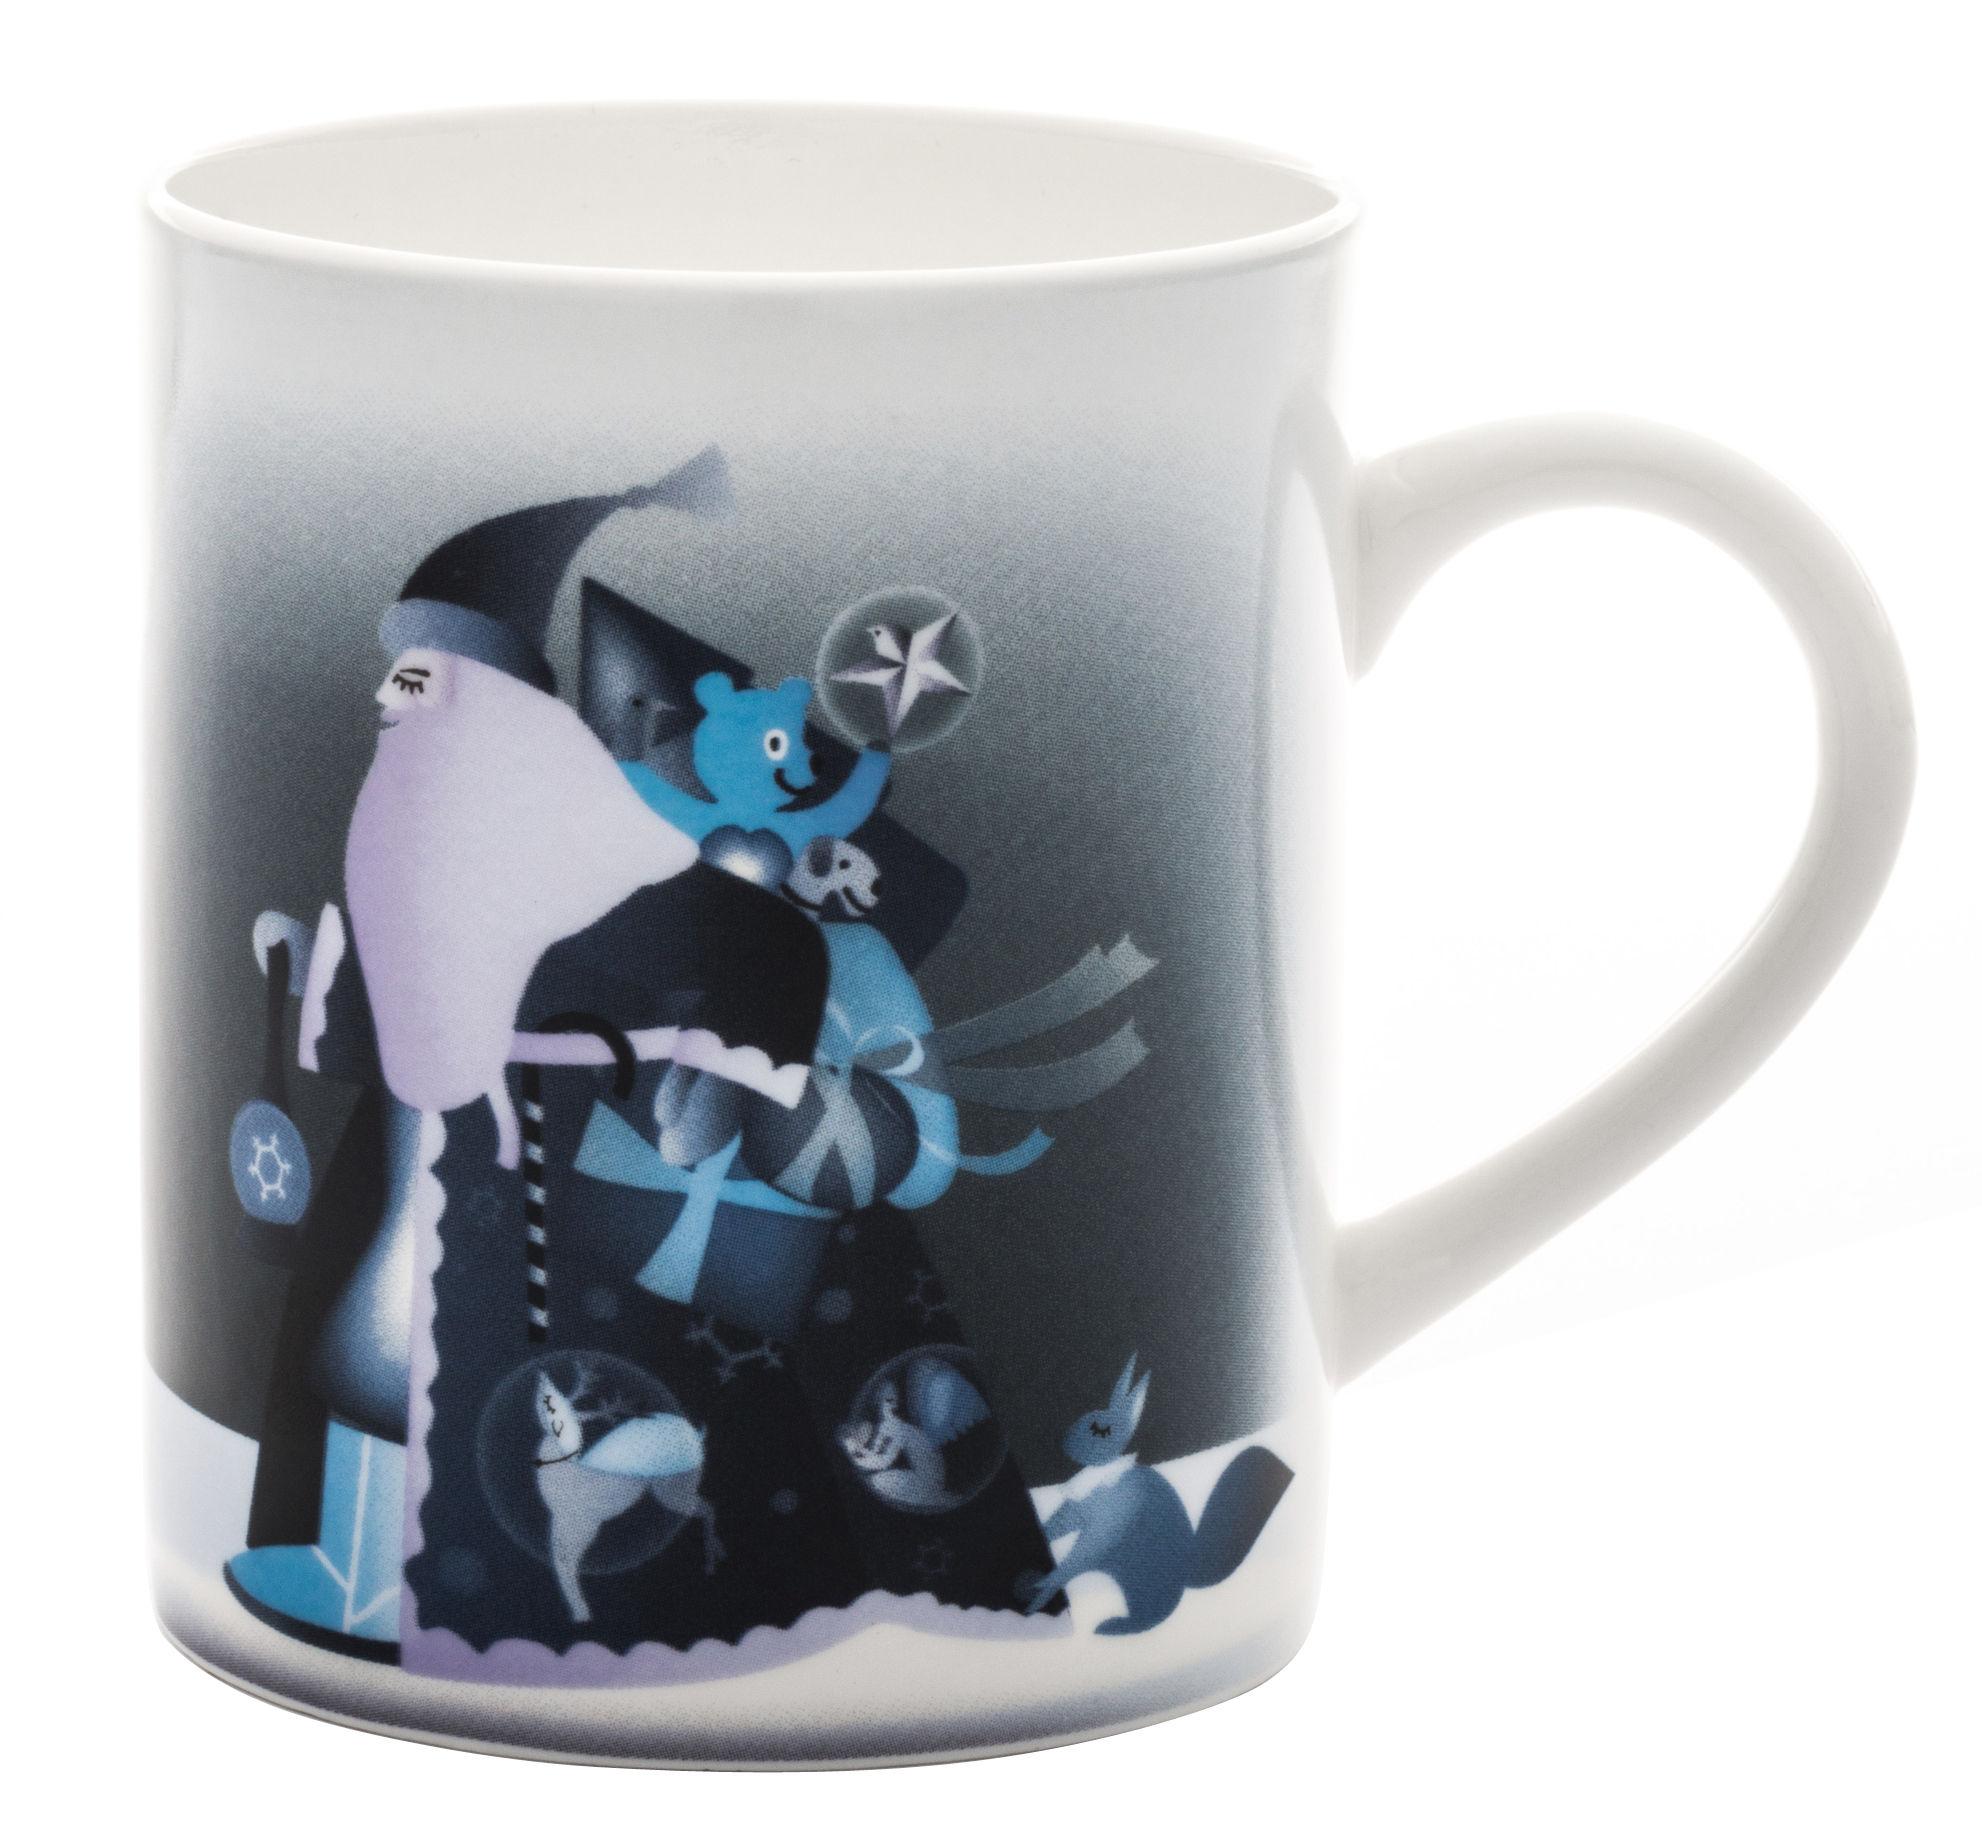 Arts de la table - Tasses et mugs - Mug Blue christmas - A di Alessi - Père-Noël - Porcelaine